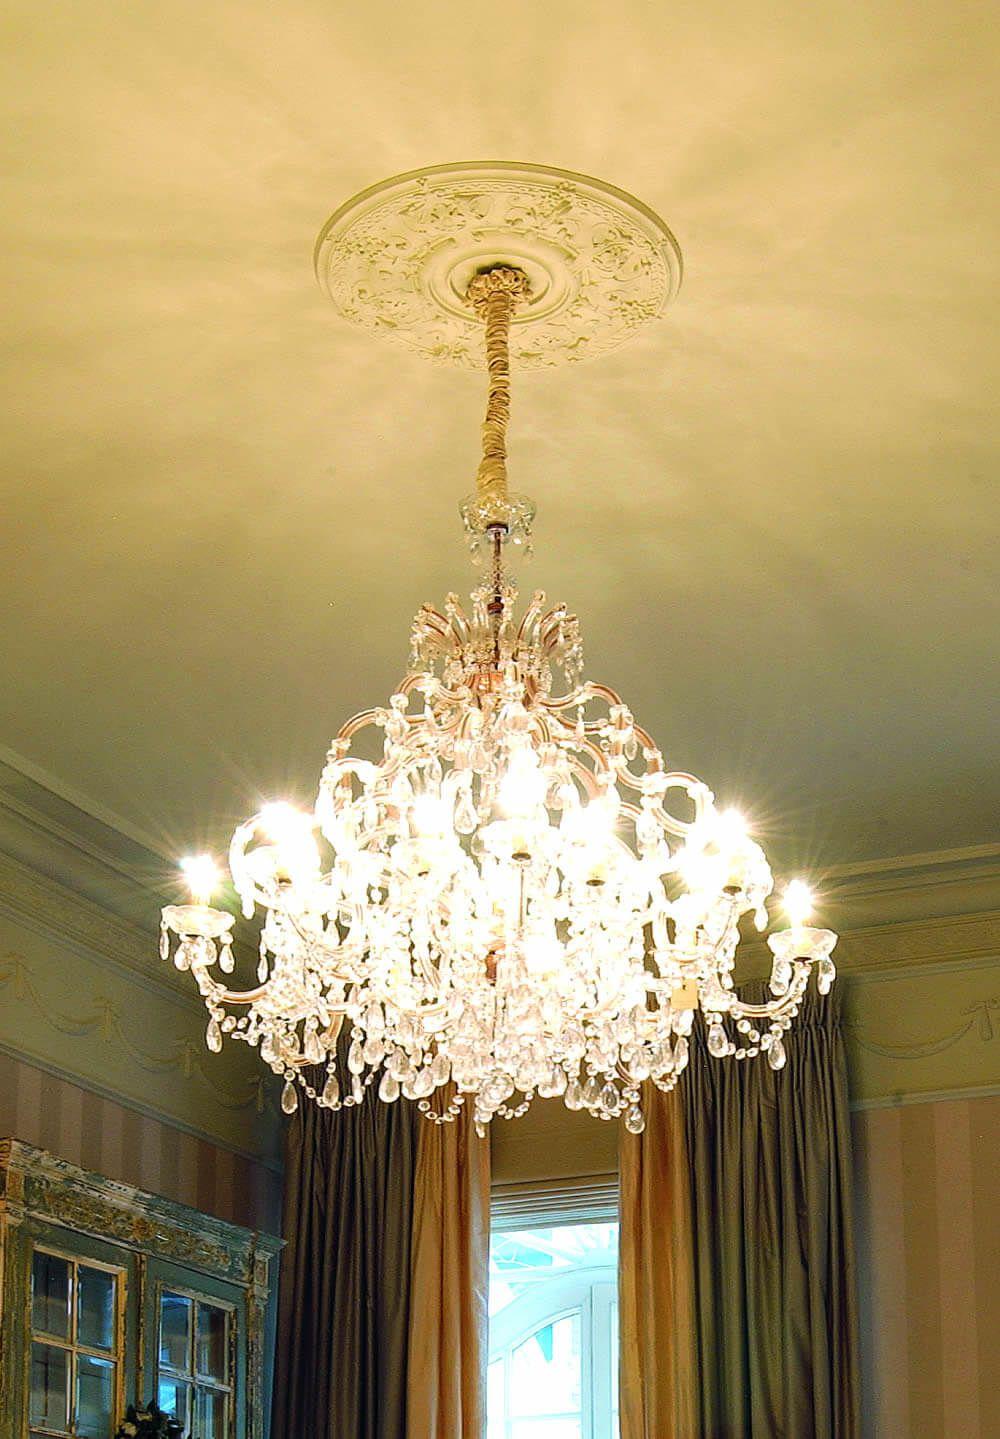 Orac Decor Deckenelemente Mit Barocken Verzierungen Fur Ein Wohnzimmer Im Stil Einer Altbauwohnung Stuckleisten Rosetten Innenraumgestaltung